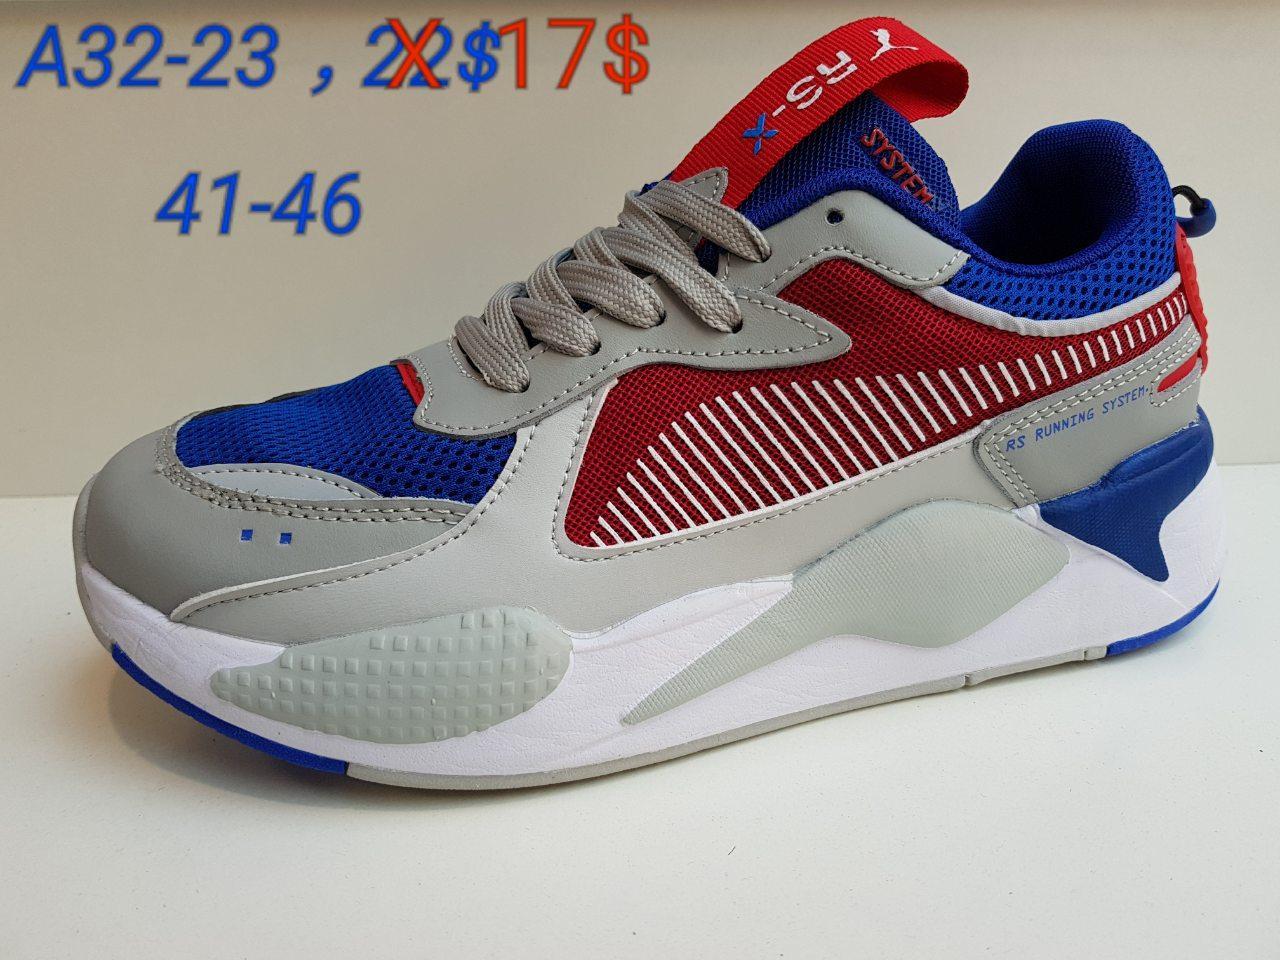 Мужские кроссовки Puma Running System оптом (41-46)